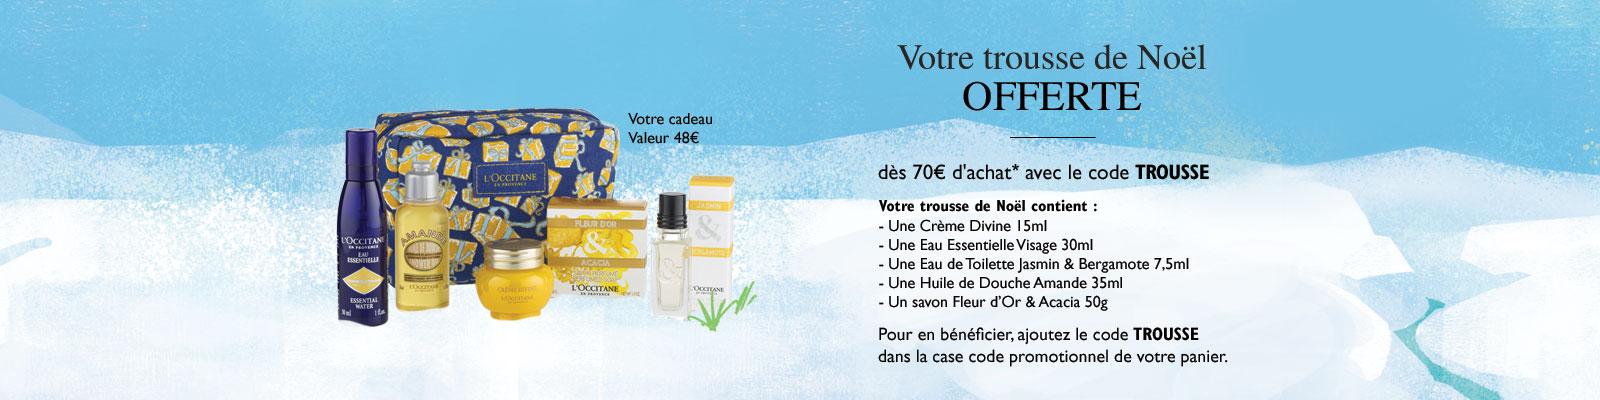 Offre Premium Noël - L'Occitane France